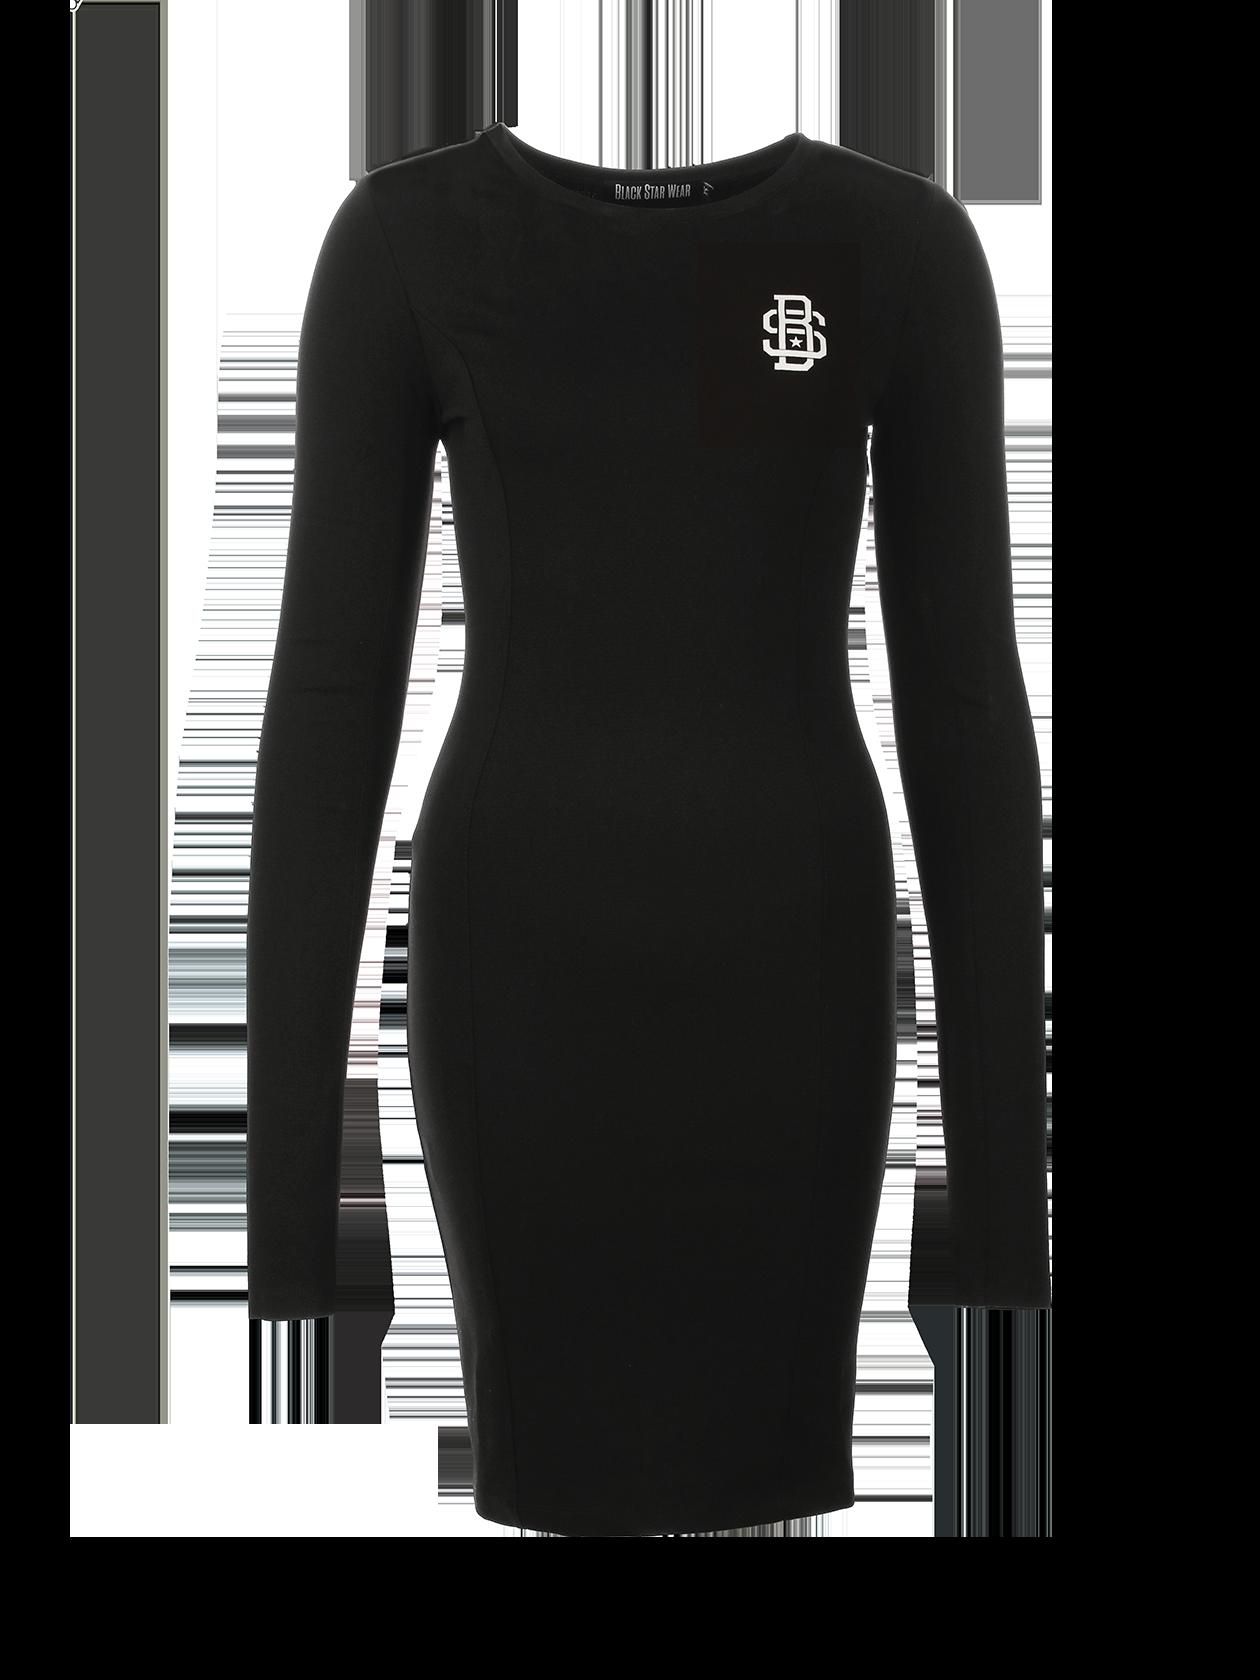 Платье женское BS 13Платье женское BS 13 из новой линии одежды Basic вдохновит на создание повседневного стиля. Модель лаконичного дизайна представлена в черном цвете. Облегающий силуэт, длина изделия до колена. Приятный к телу натуральный хлопок с небольшим добавлением эластичного материала позволяет вещи хорошо держать форму и привлекательный вид. На груди нашивка с логотипом Black Star. Горловина неглубокая, округлая, с жаккардовым лейблом на внутренней стороне.<br><br>Размер: L<br>Цвет: Черный<br>Пол: Женский